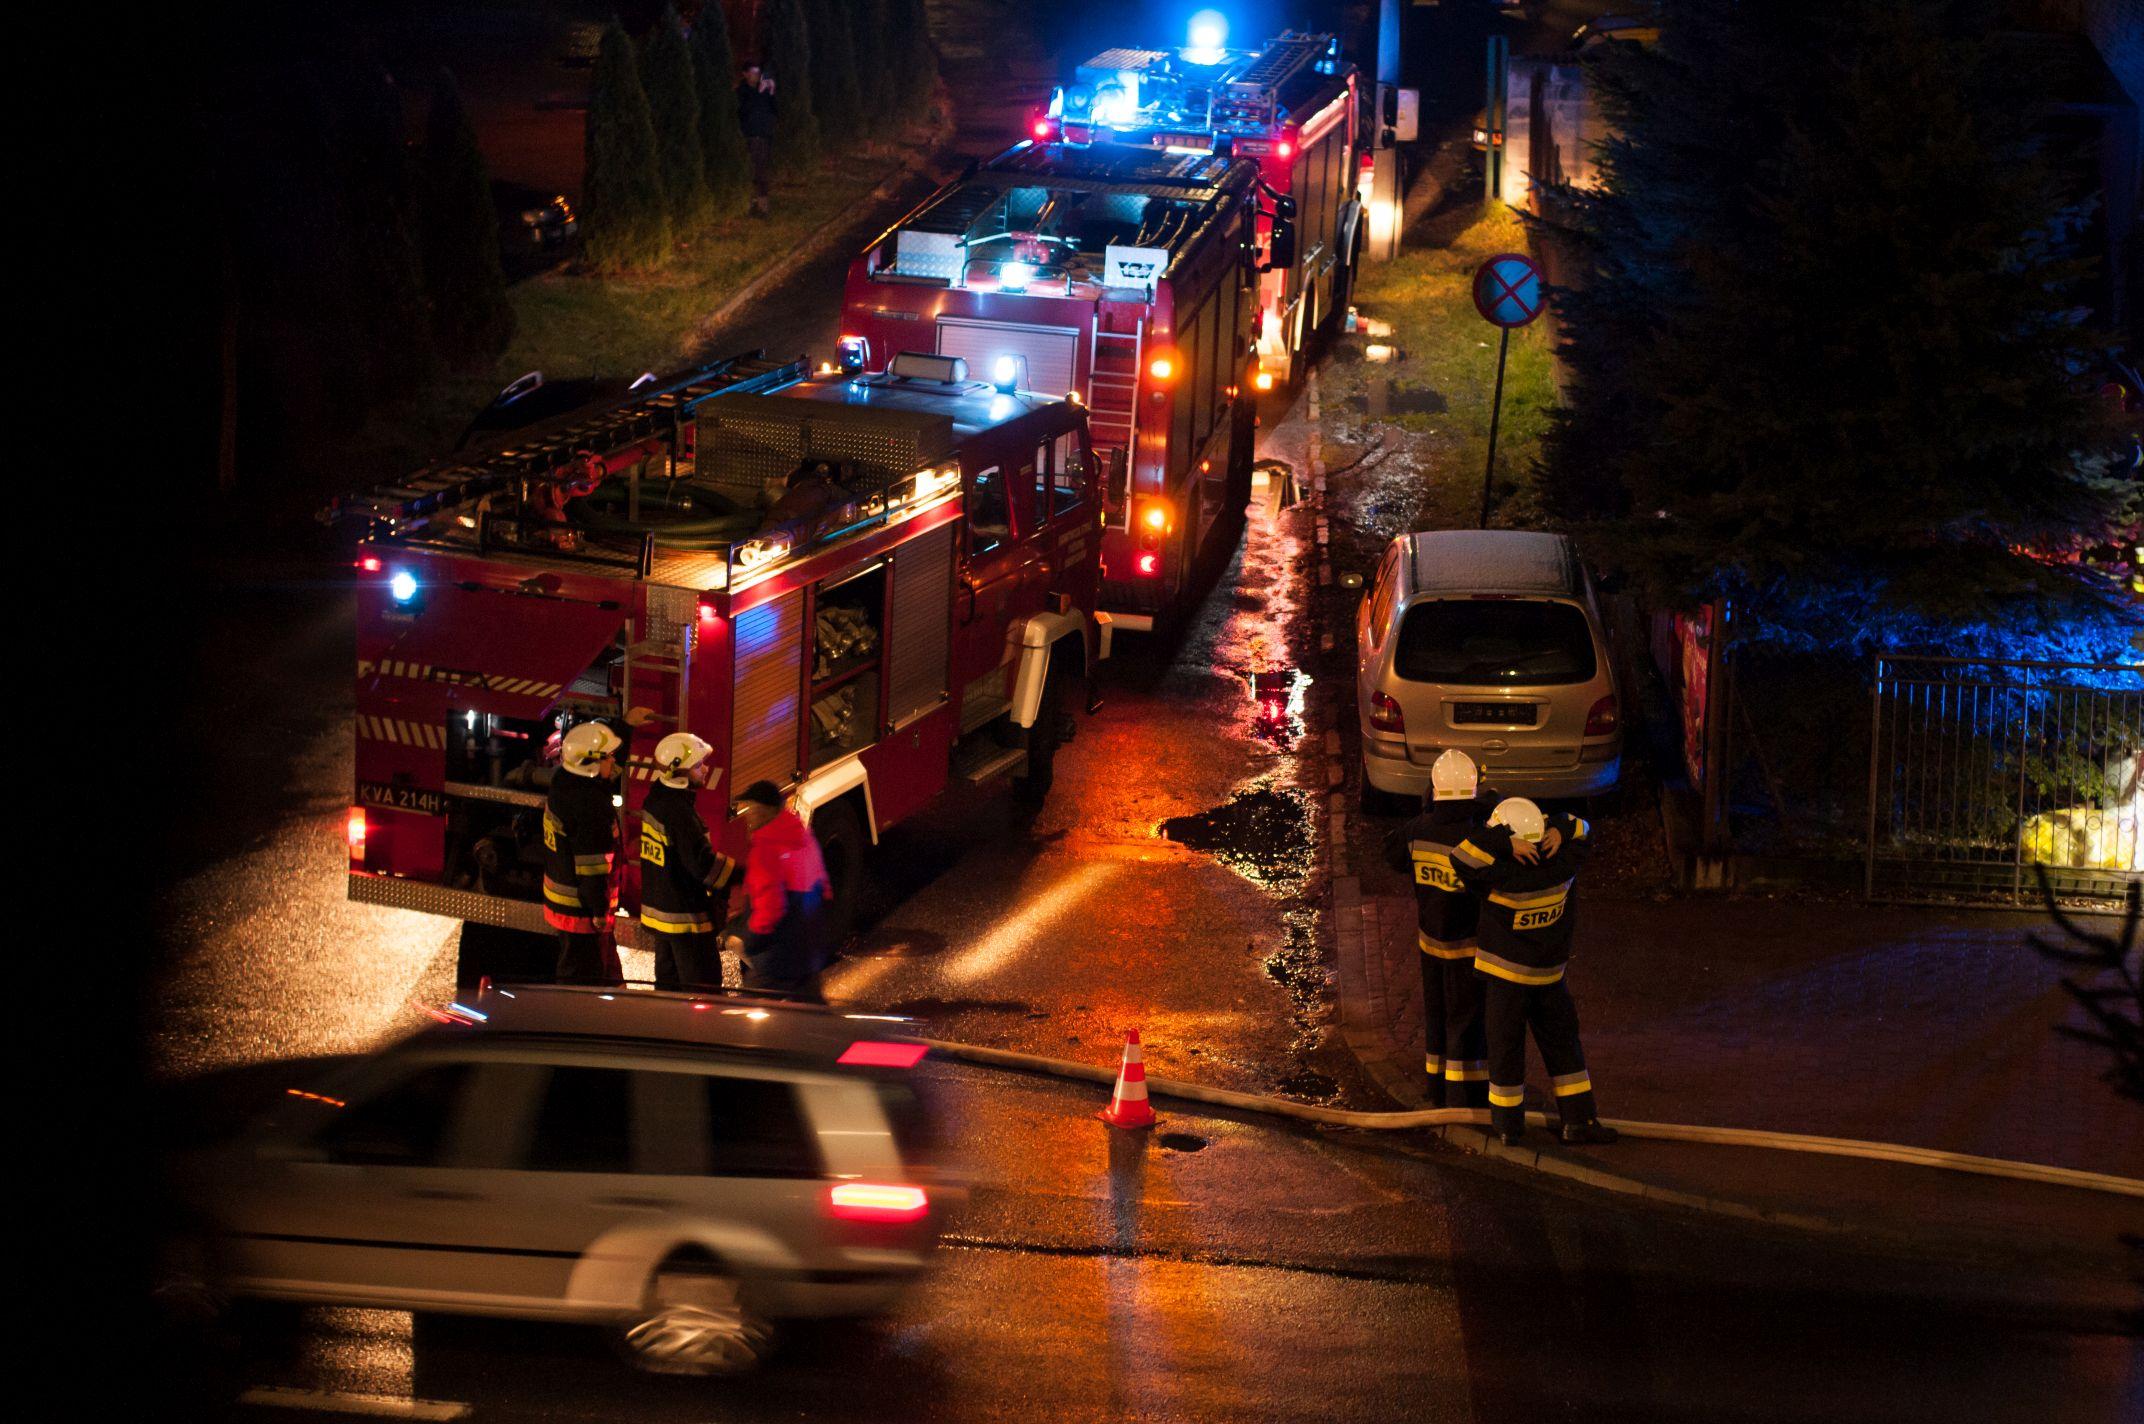 Coraz gorzej na drogach, wypadek za wypadkiem [FOTO] [AKTUALIZACJA]